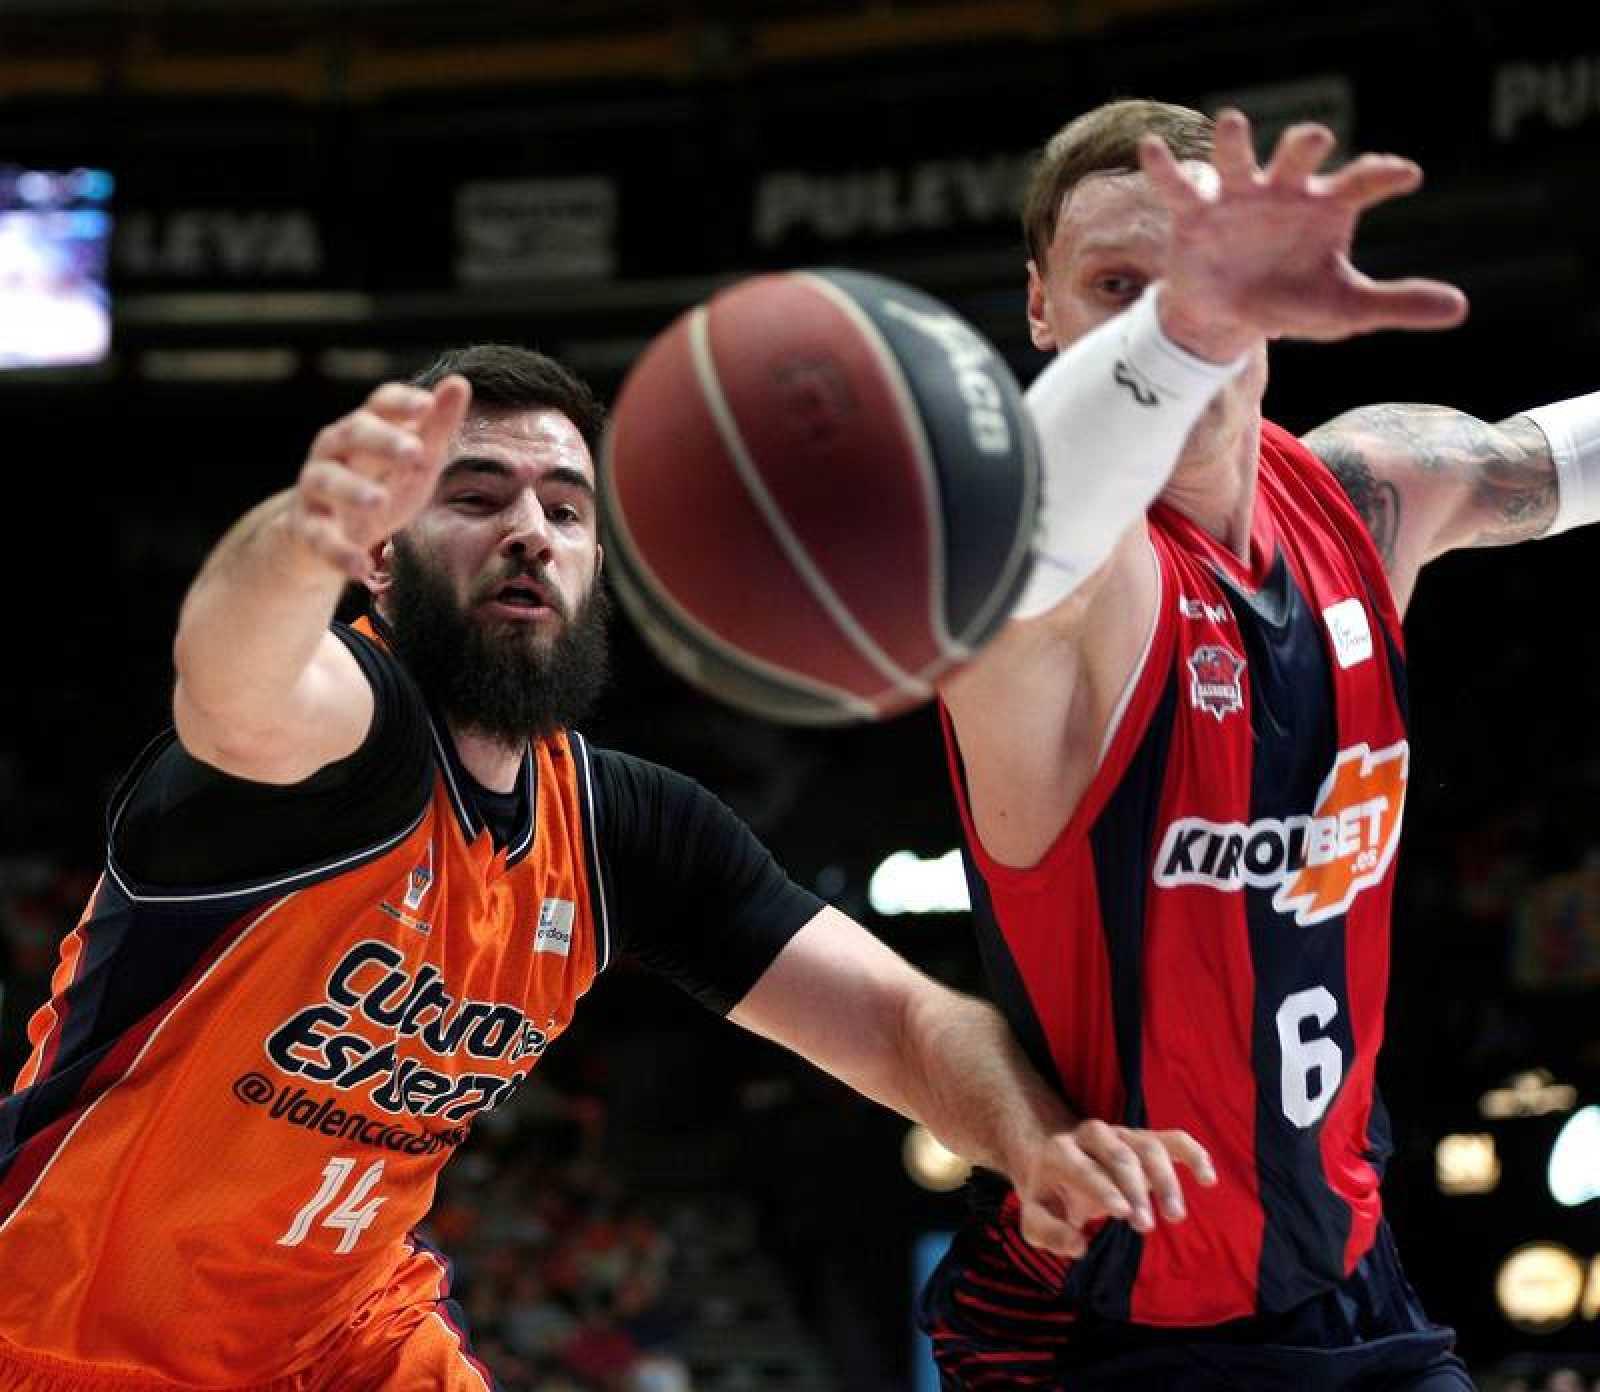 El pívot montenegrino del Valencia Basket Bojan Dubljevic (i) lucha un balón con el letón Janis Timma, del Baskonia, durante el partido.